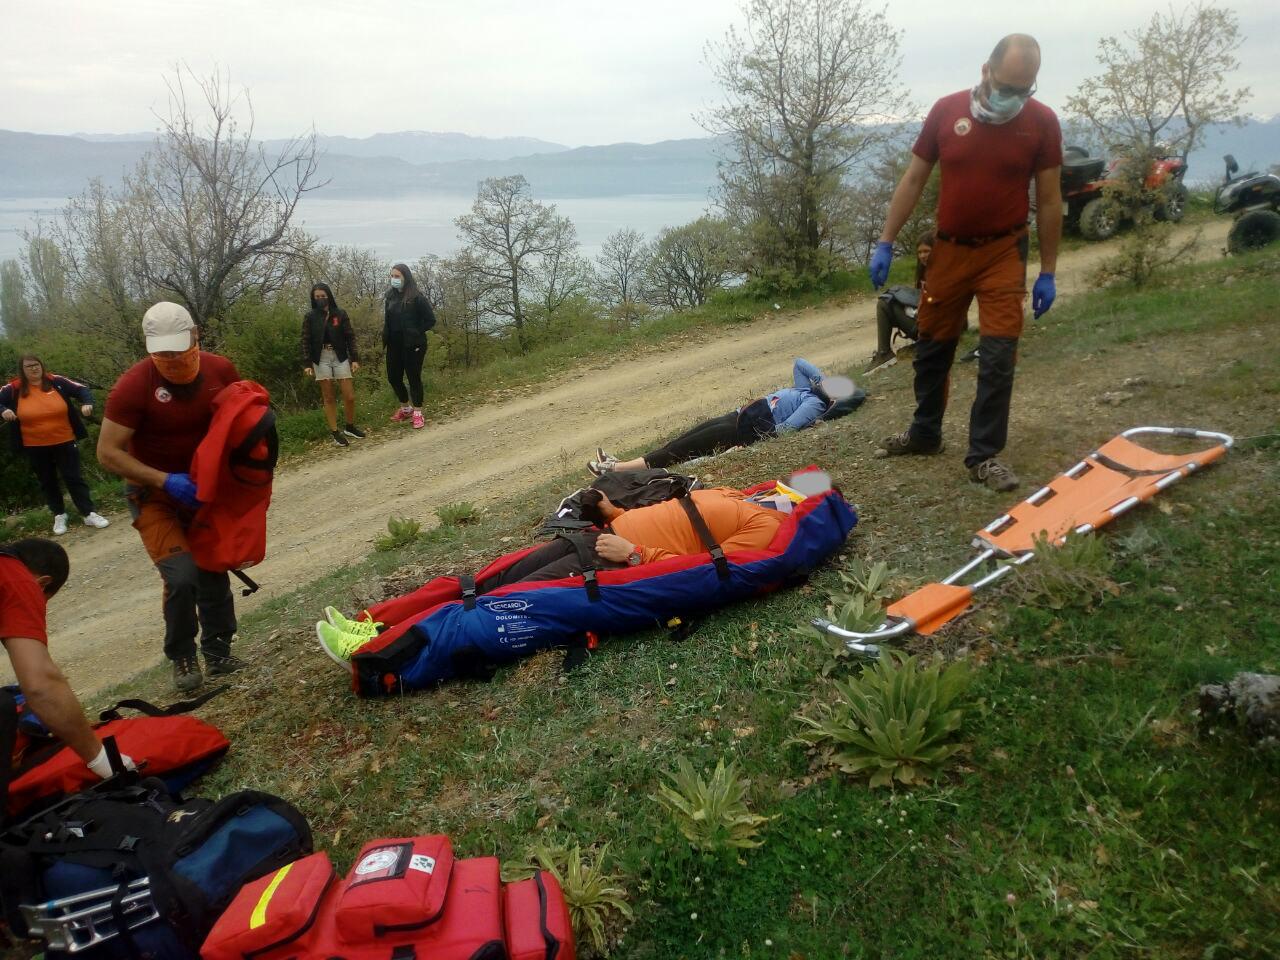 Планинската спасителна служба интервенираше кај Коњско, две лица со ATV возило паднаа во провалија длабока десетина метри